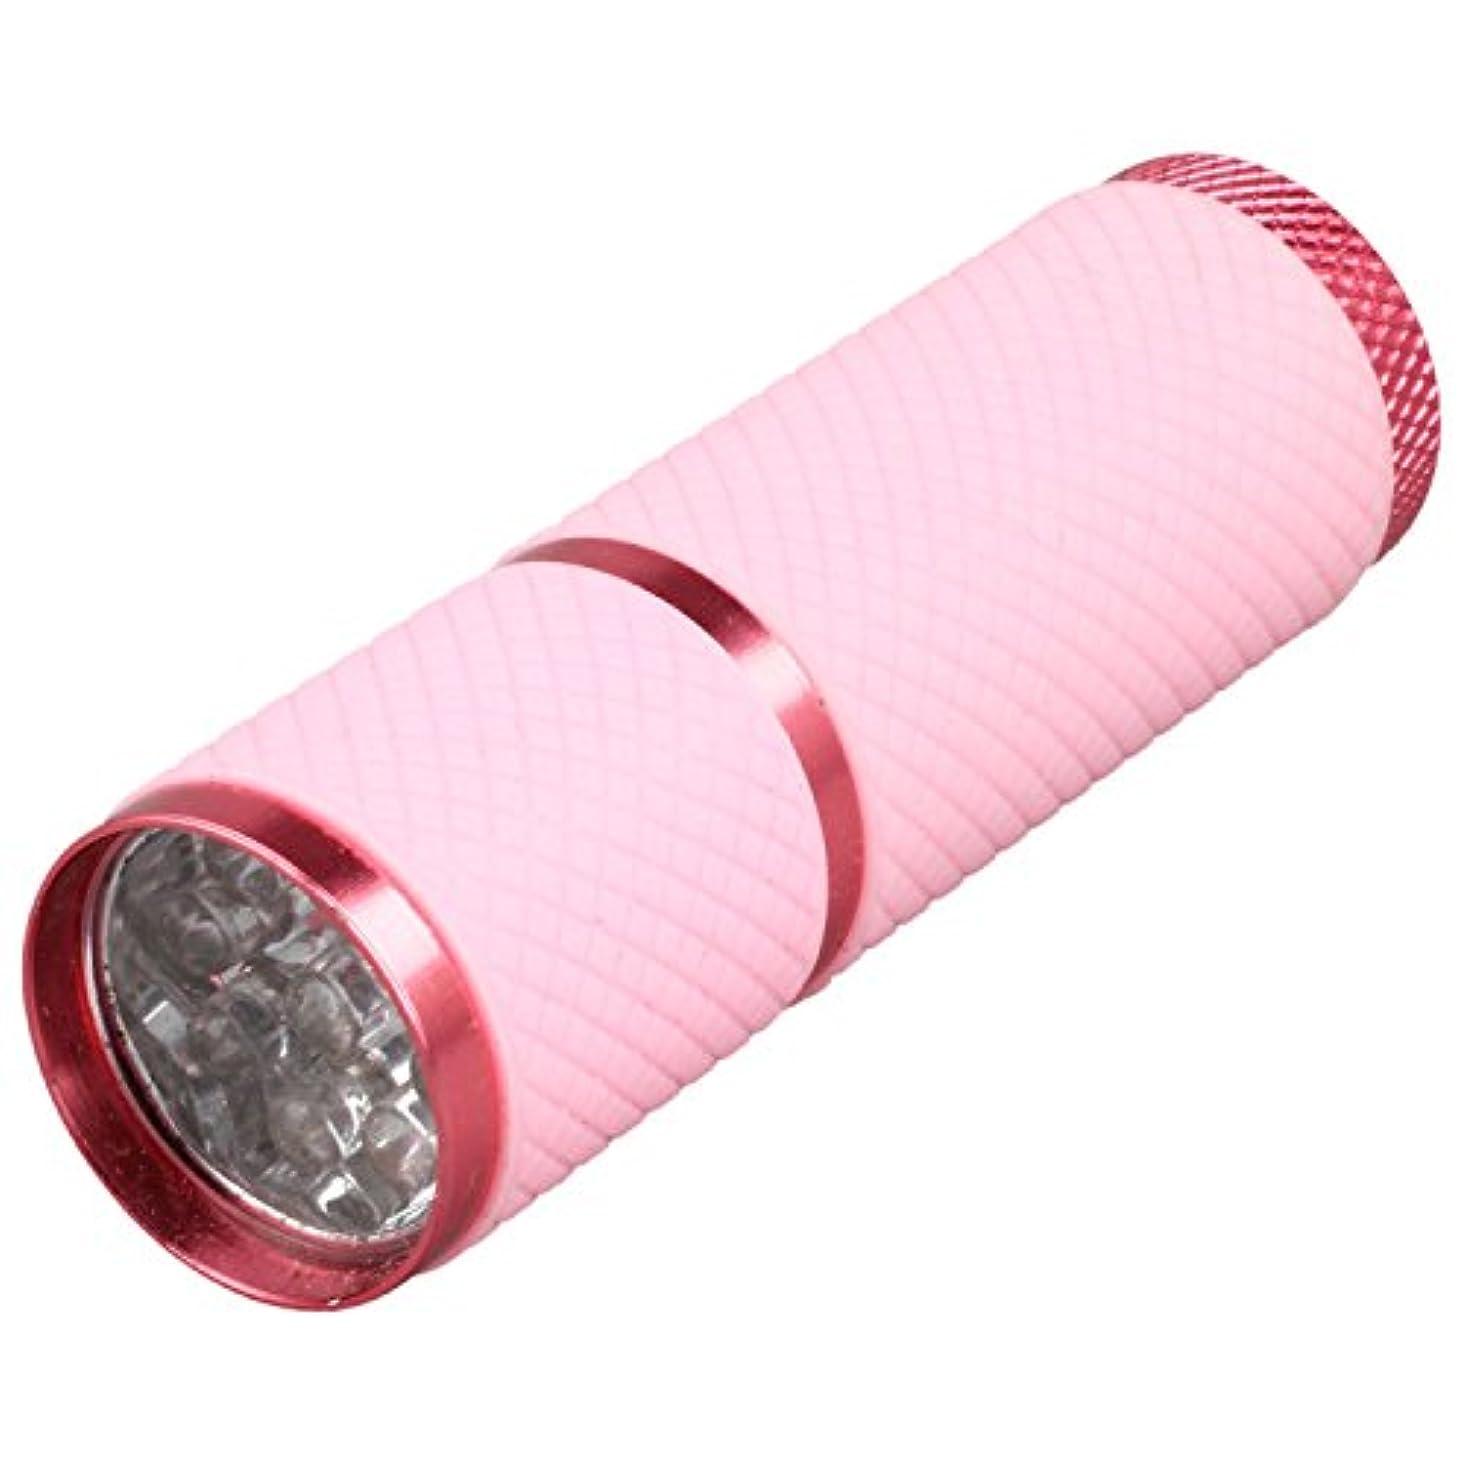 噴水コールドハドルSODIAL 1個 ミニ9 LED Uv ゲル硬化ランプ バッテリーなし 携帯性ネイルドライヤー LEDフラッシュライト通貨検出器 アルミニウム合金 ピンクカラー